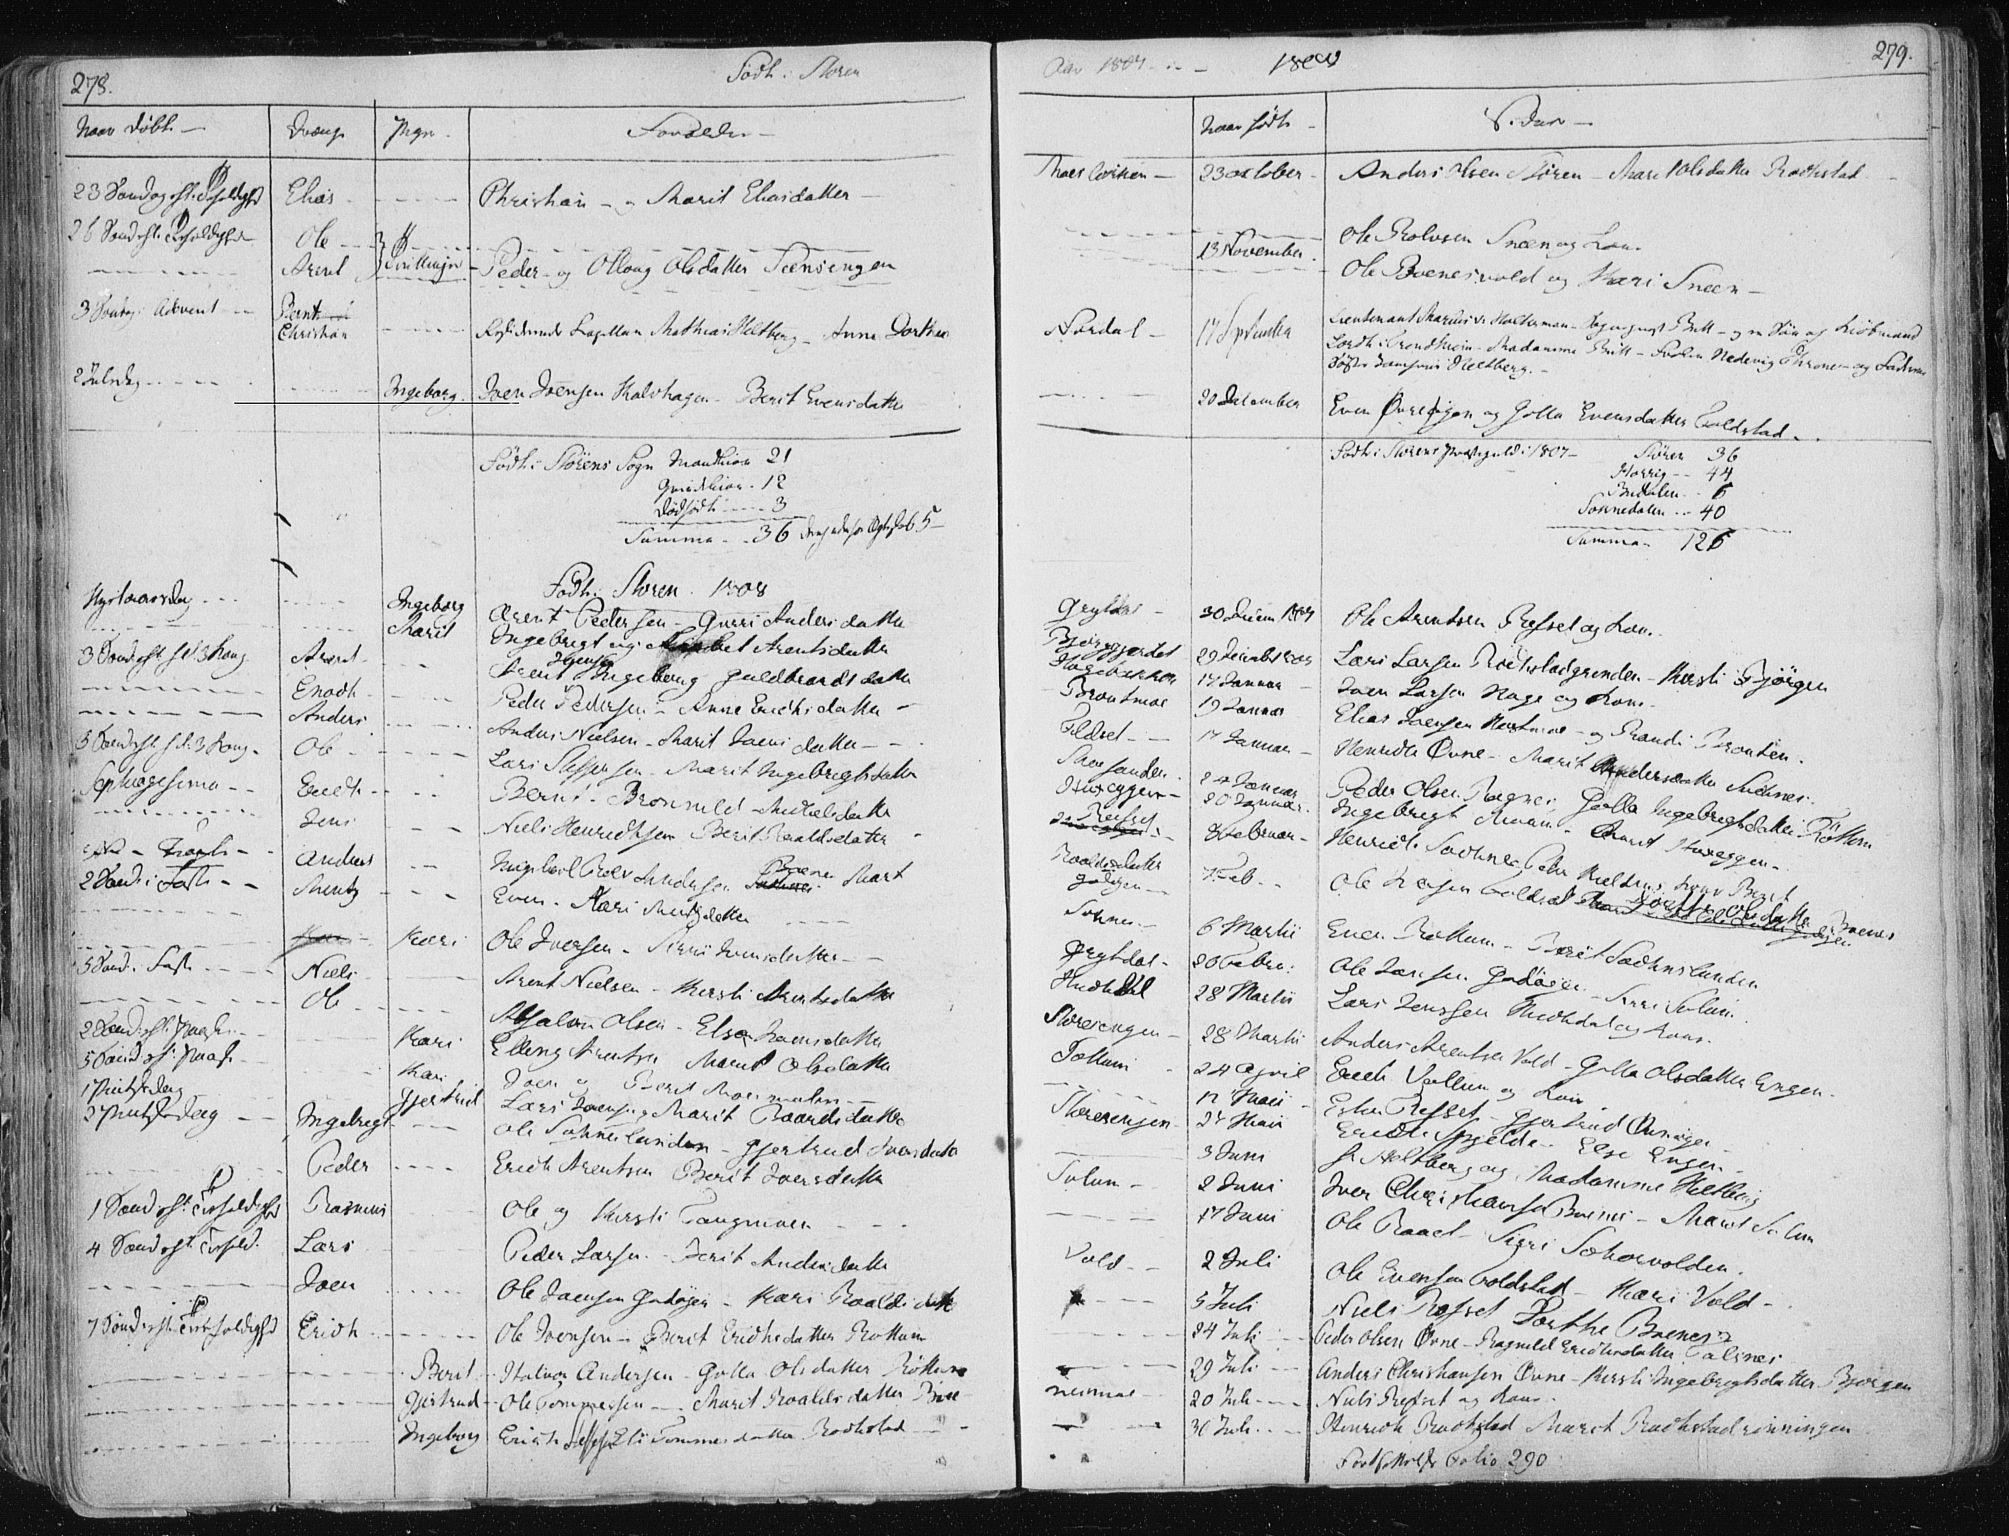 SAT, Ministerialprotokoller, klokkerbøker og fødselsregistre - Sør-Trøndelag, 687/L0992: Ministerialbok nr. 687A03 /1, 1788-1815, s. 278-279